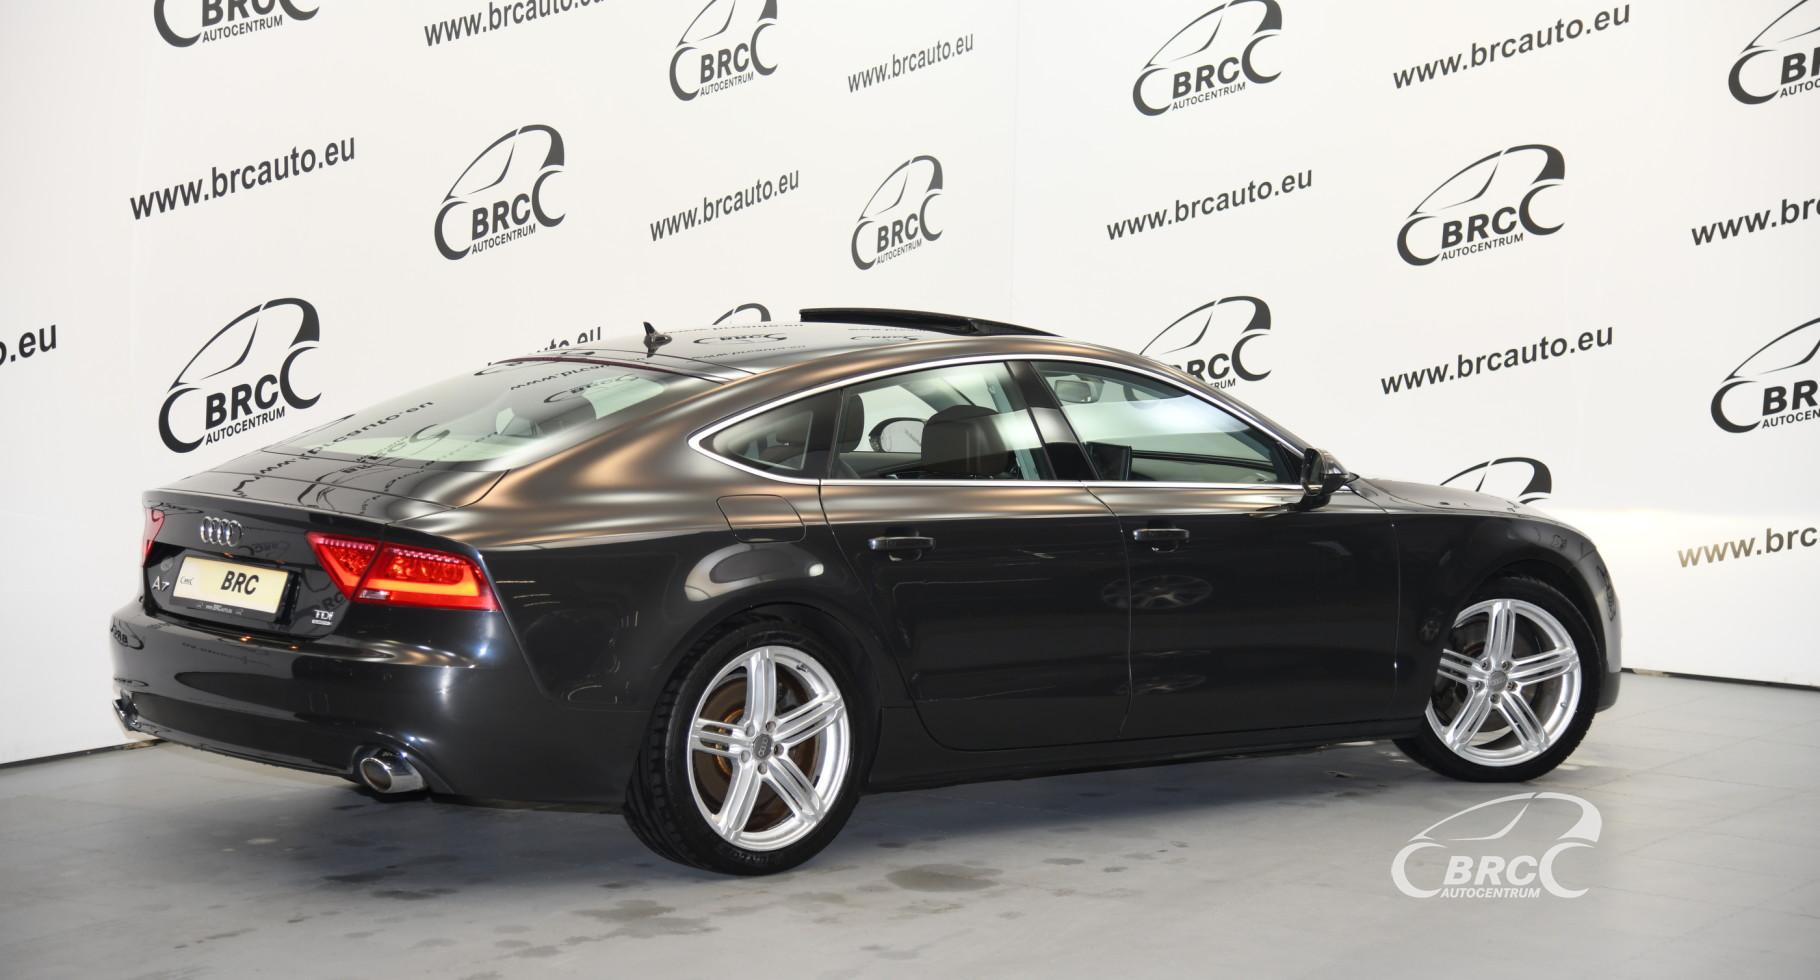 Audi A7 3.0 TDI Quattro Automatas